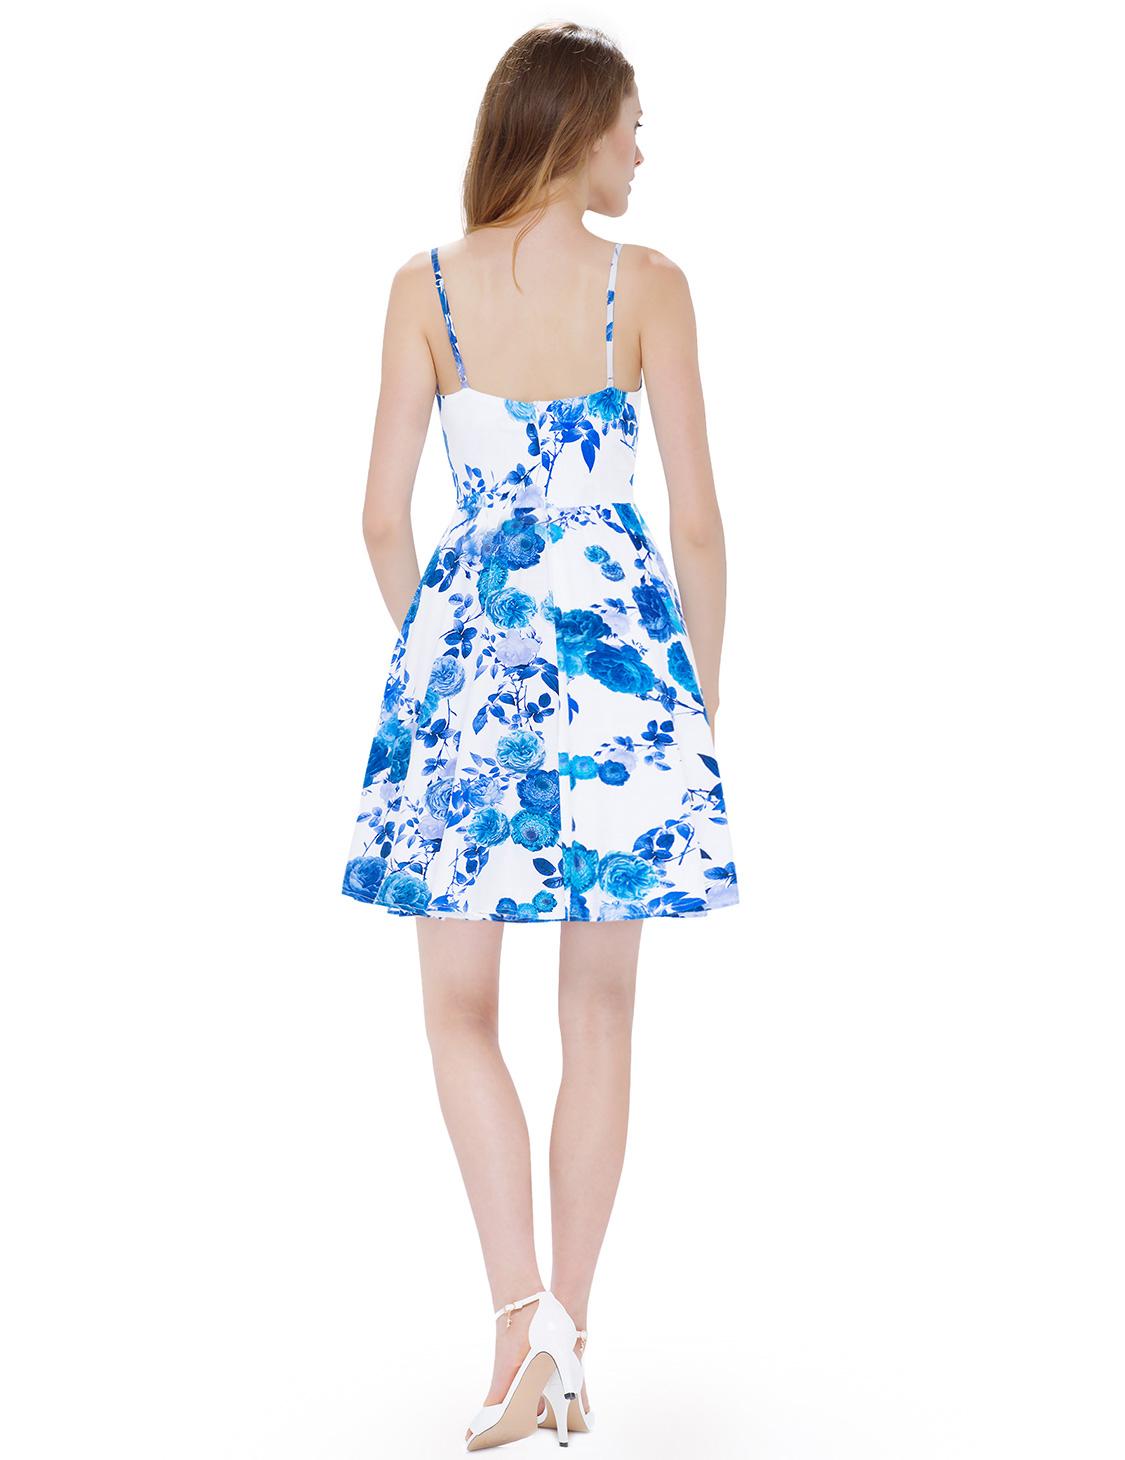 47f2e38e138a Dámské letní krátké šaty JOLIE modrá Dámské letní krátké šaty JOLIE modrá  empty